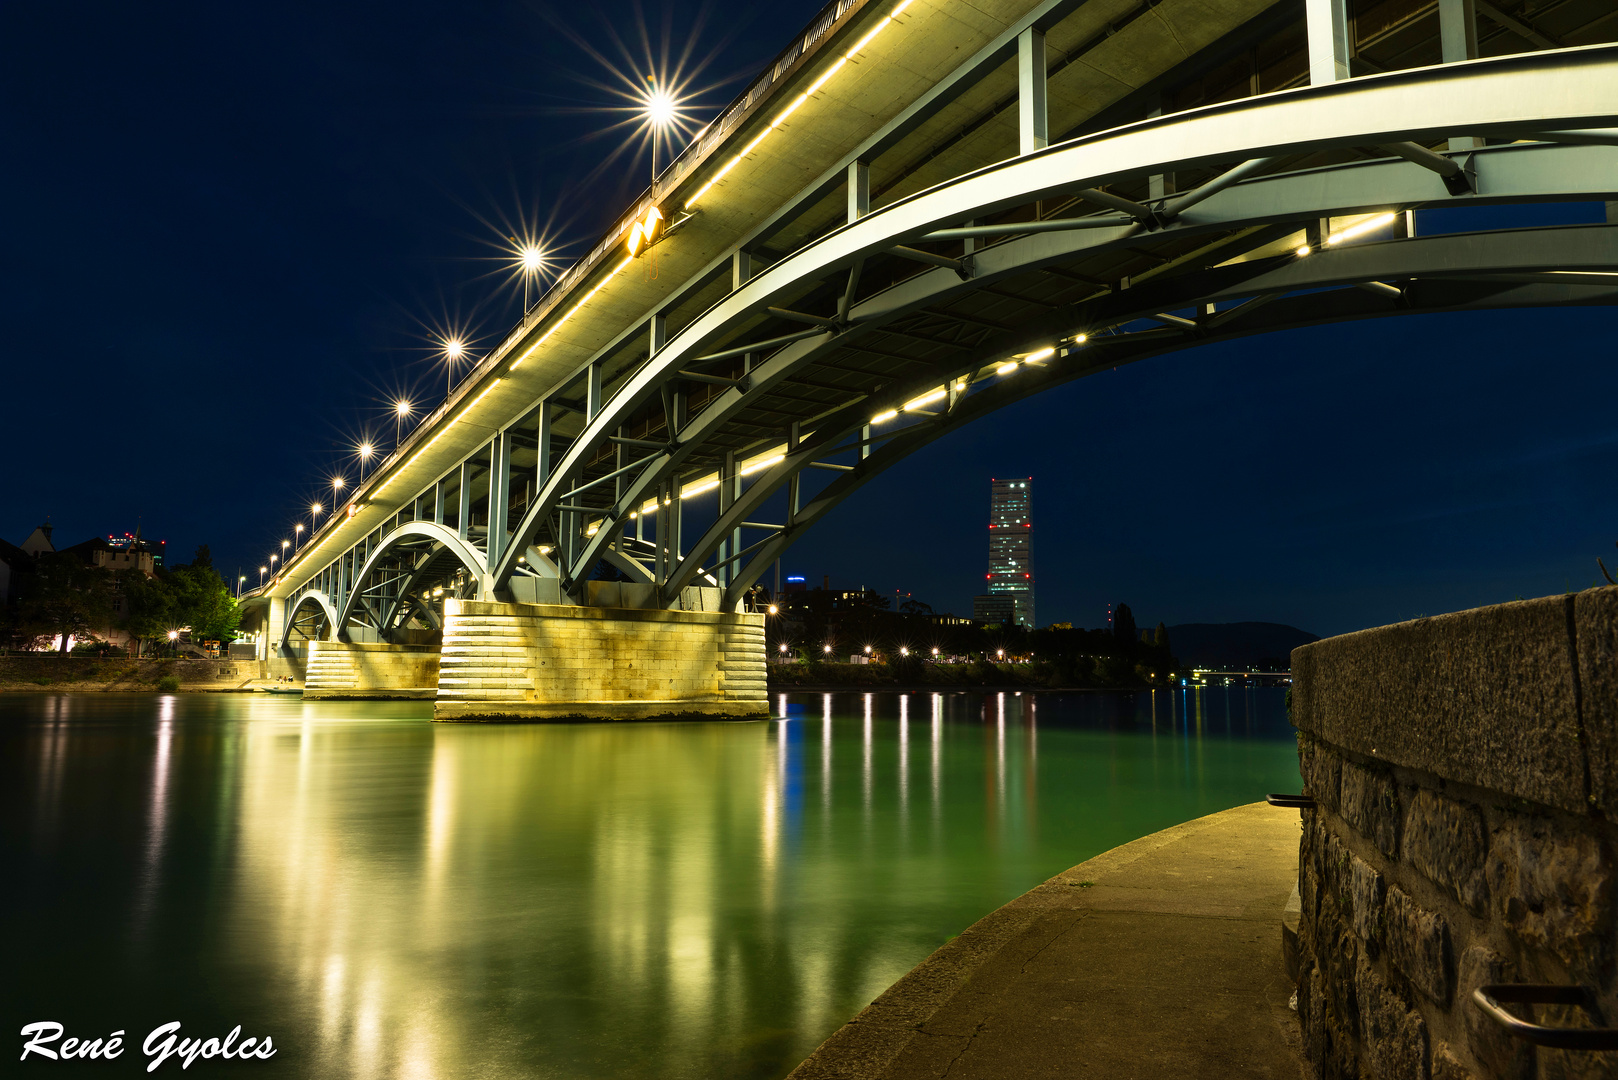 Wettsteinbr cke foto bild architektur architektur bei for Architektur basel